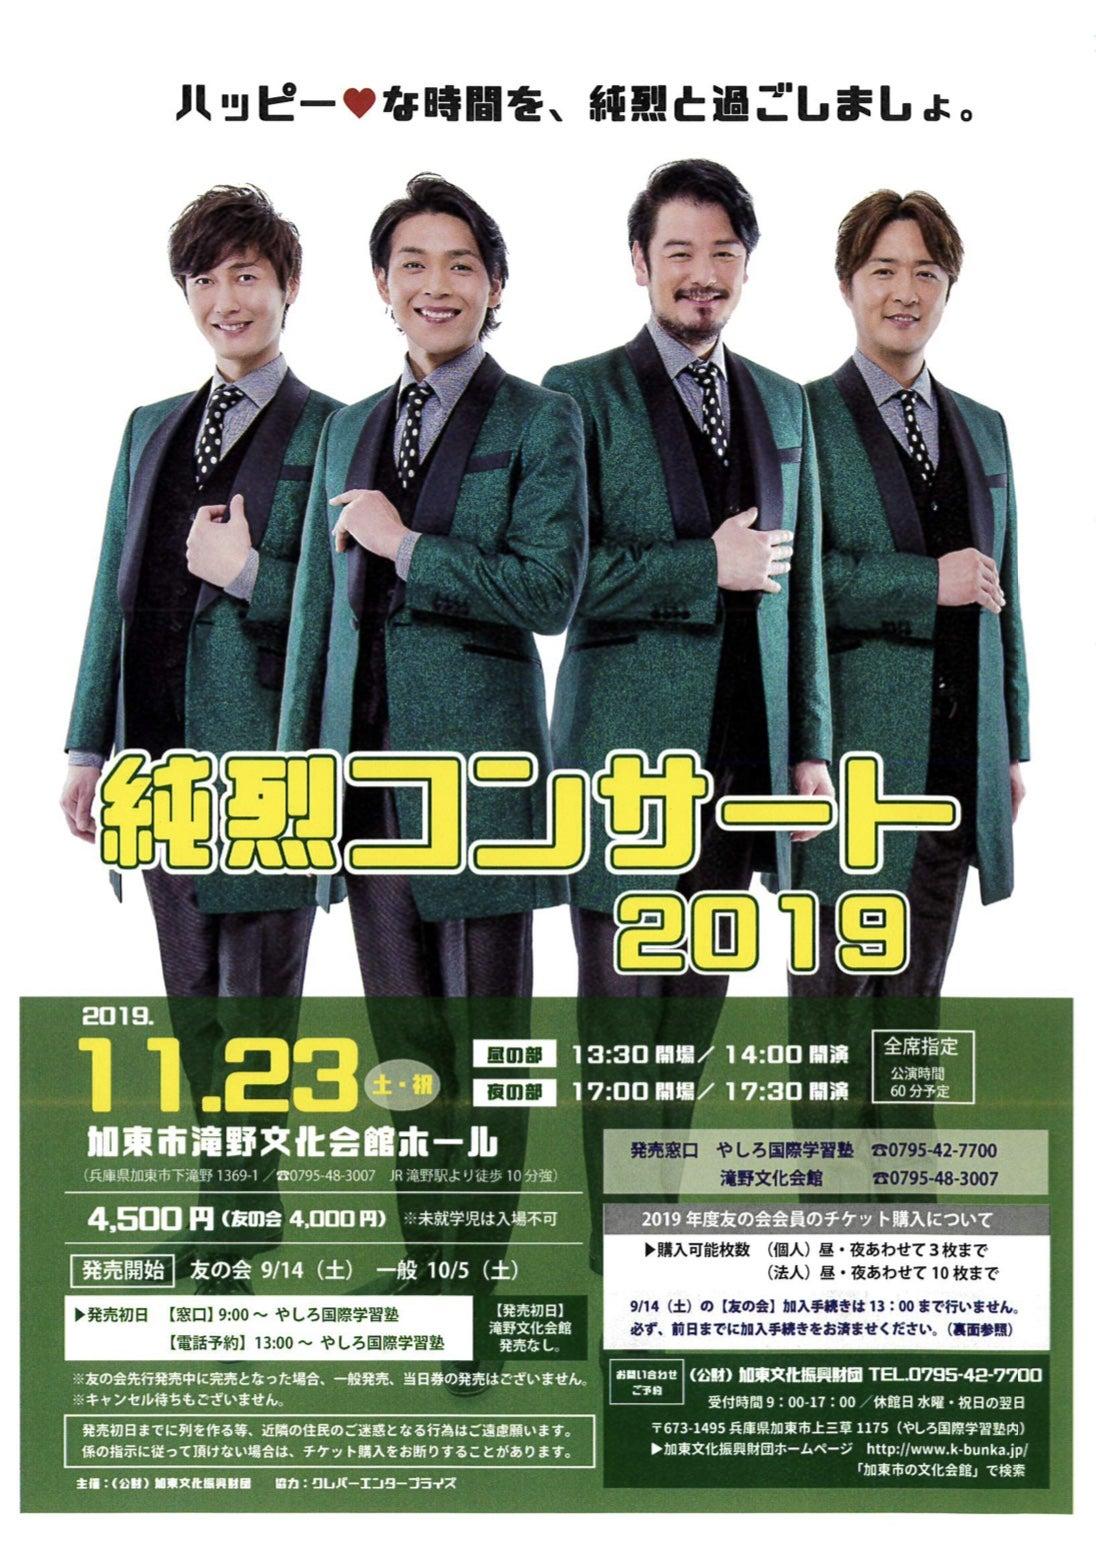 11/23「純烈コンサート 2019」の記事より